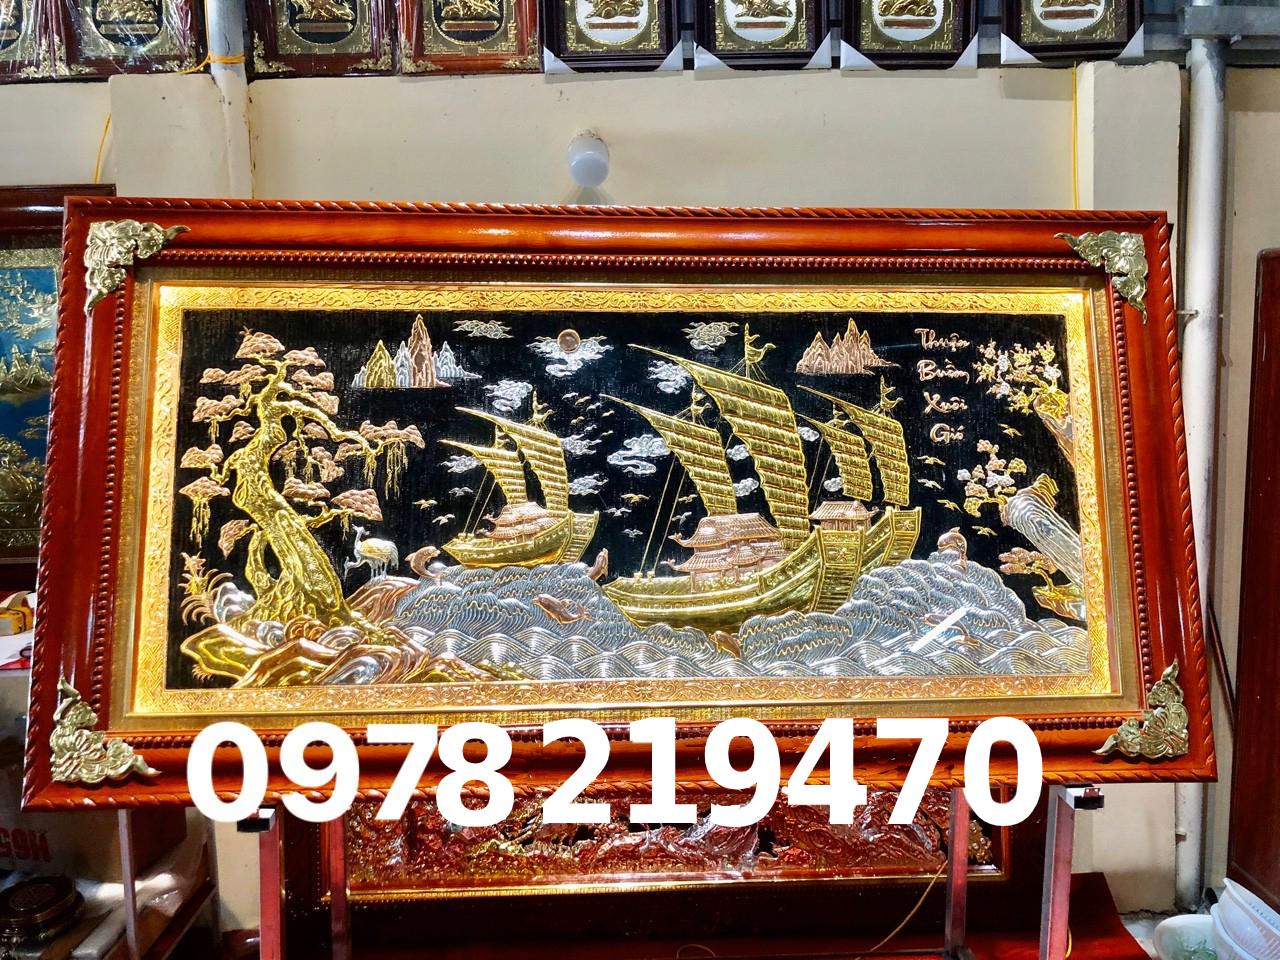 Tranh đồng cao cấp TPHCM - Tranh thuận buồm - DTB 23 Malanaz Tranh đồng cao cấp trên toàn quốc